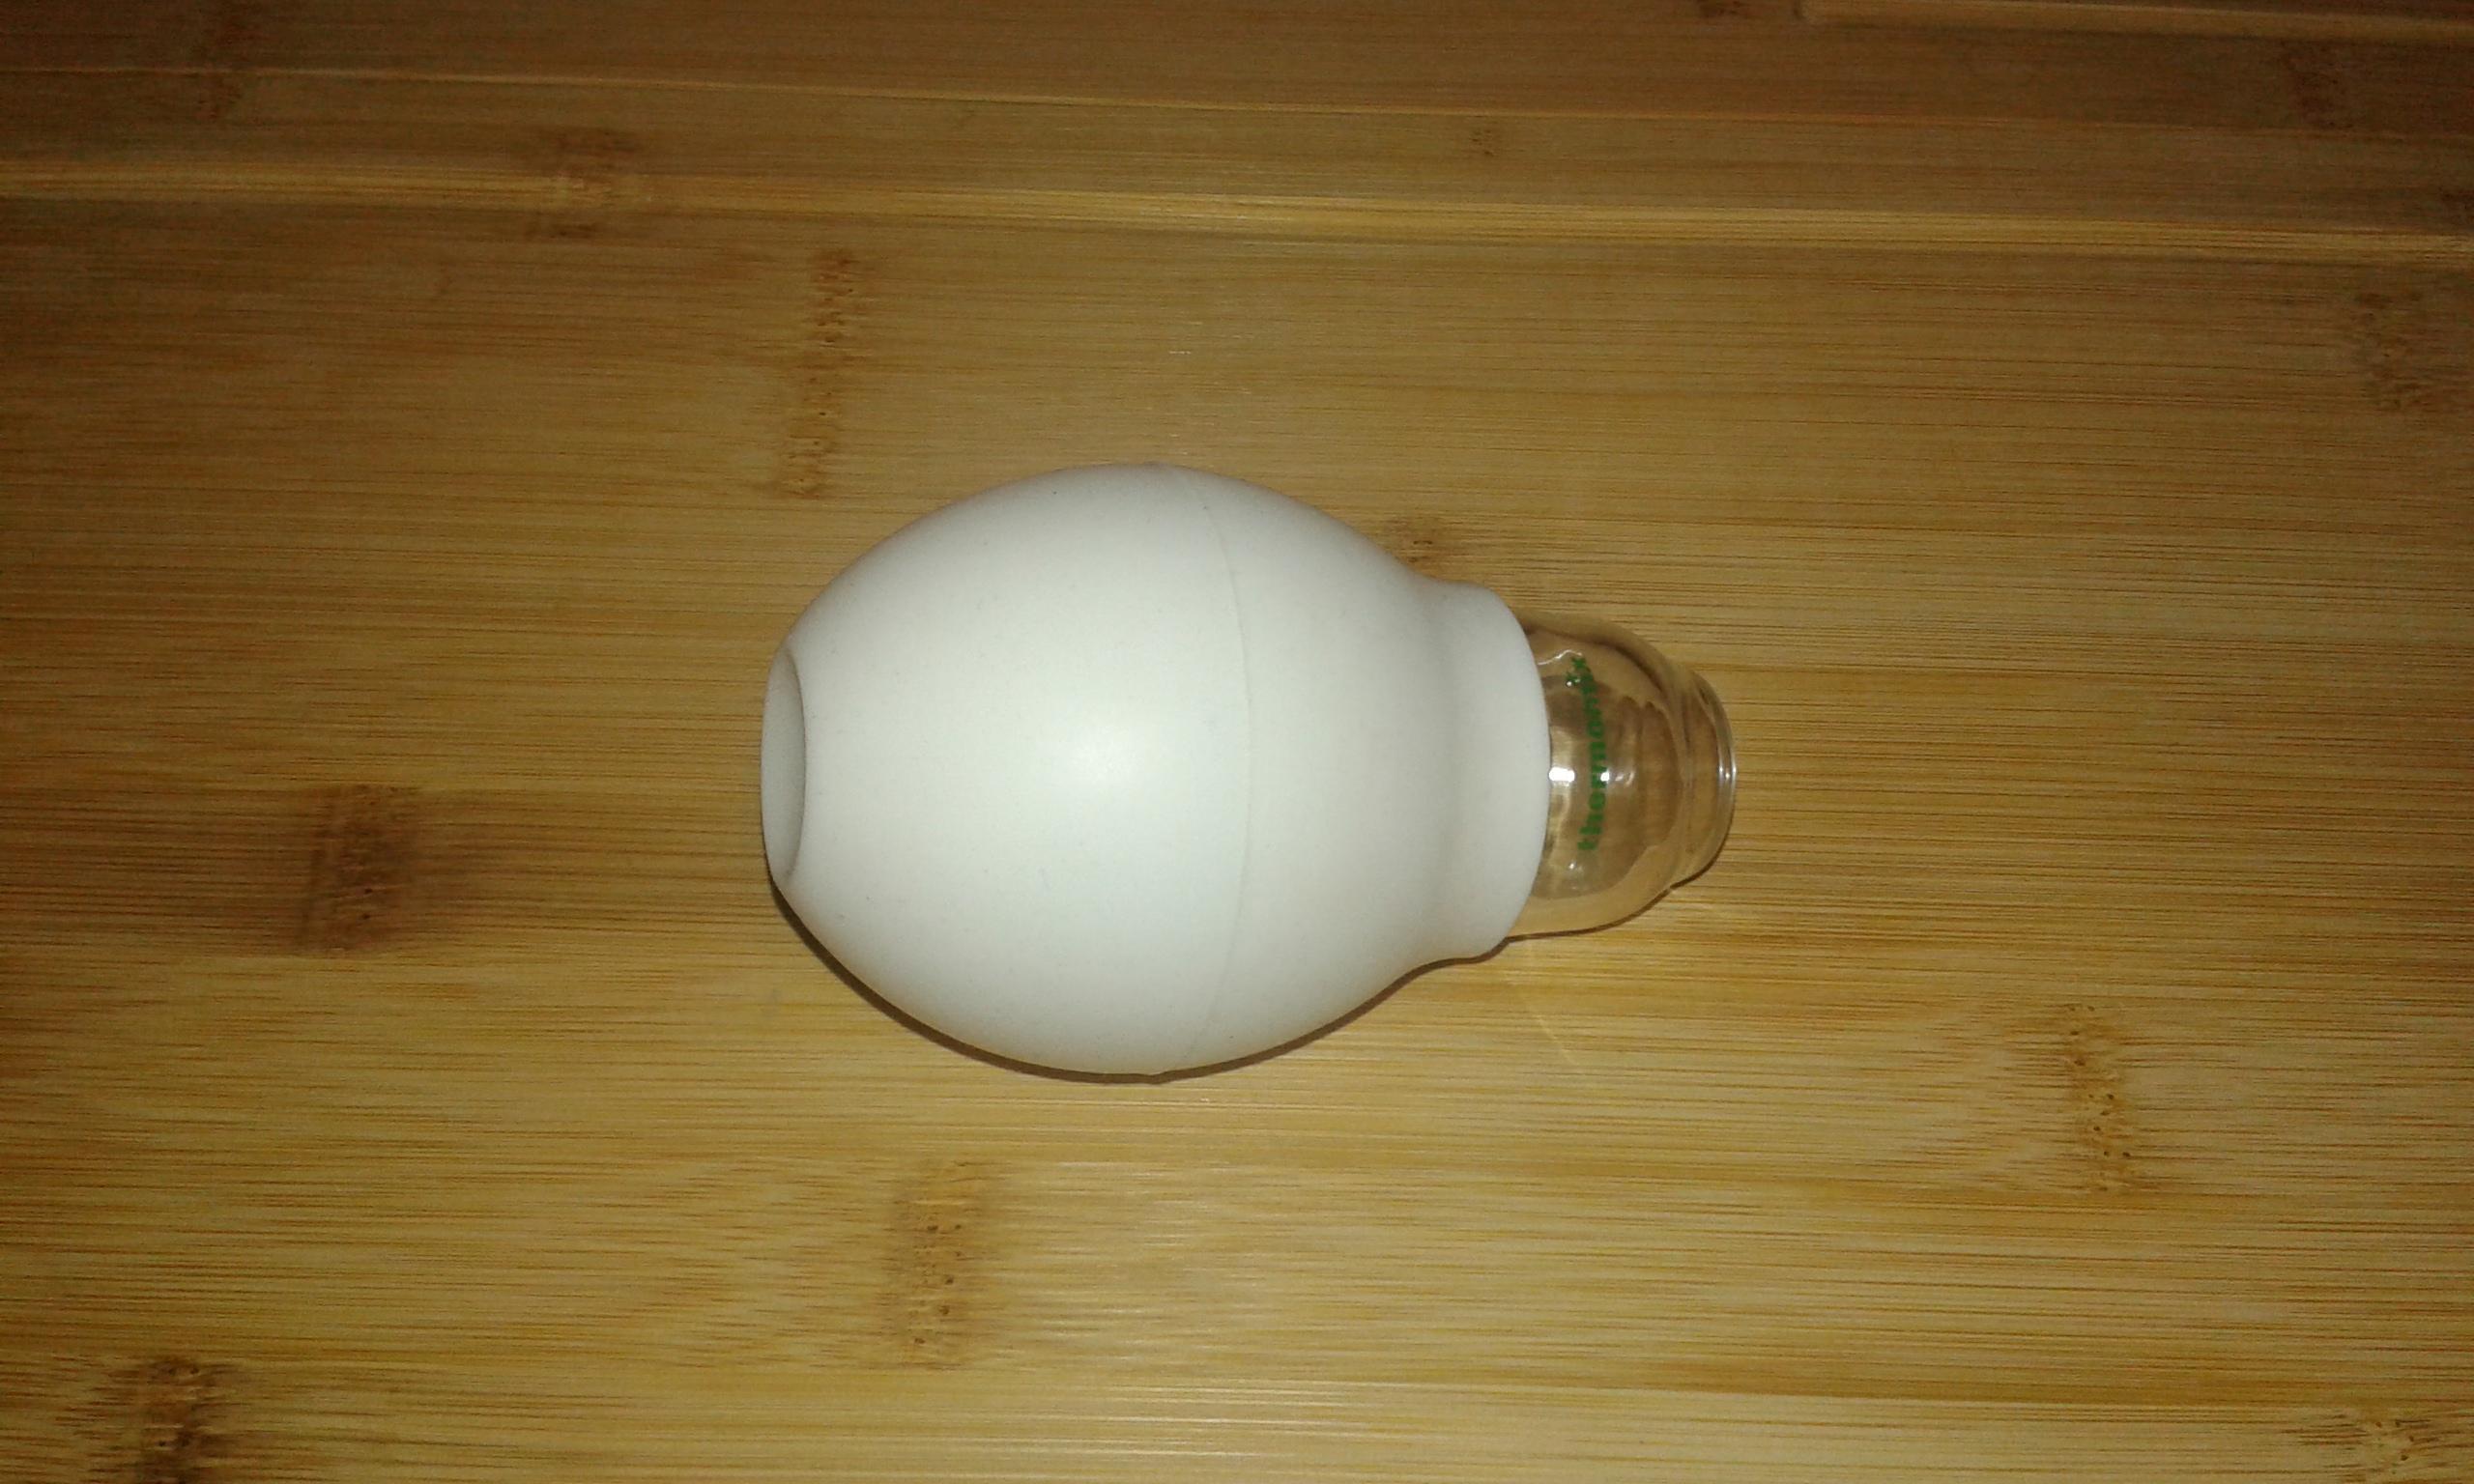 troc de troc crochets ventouse, mousseur à lait, séparateur d'œuf image 2